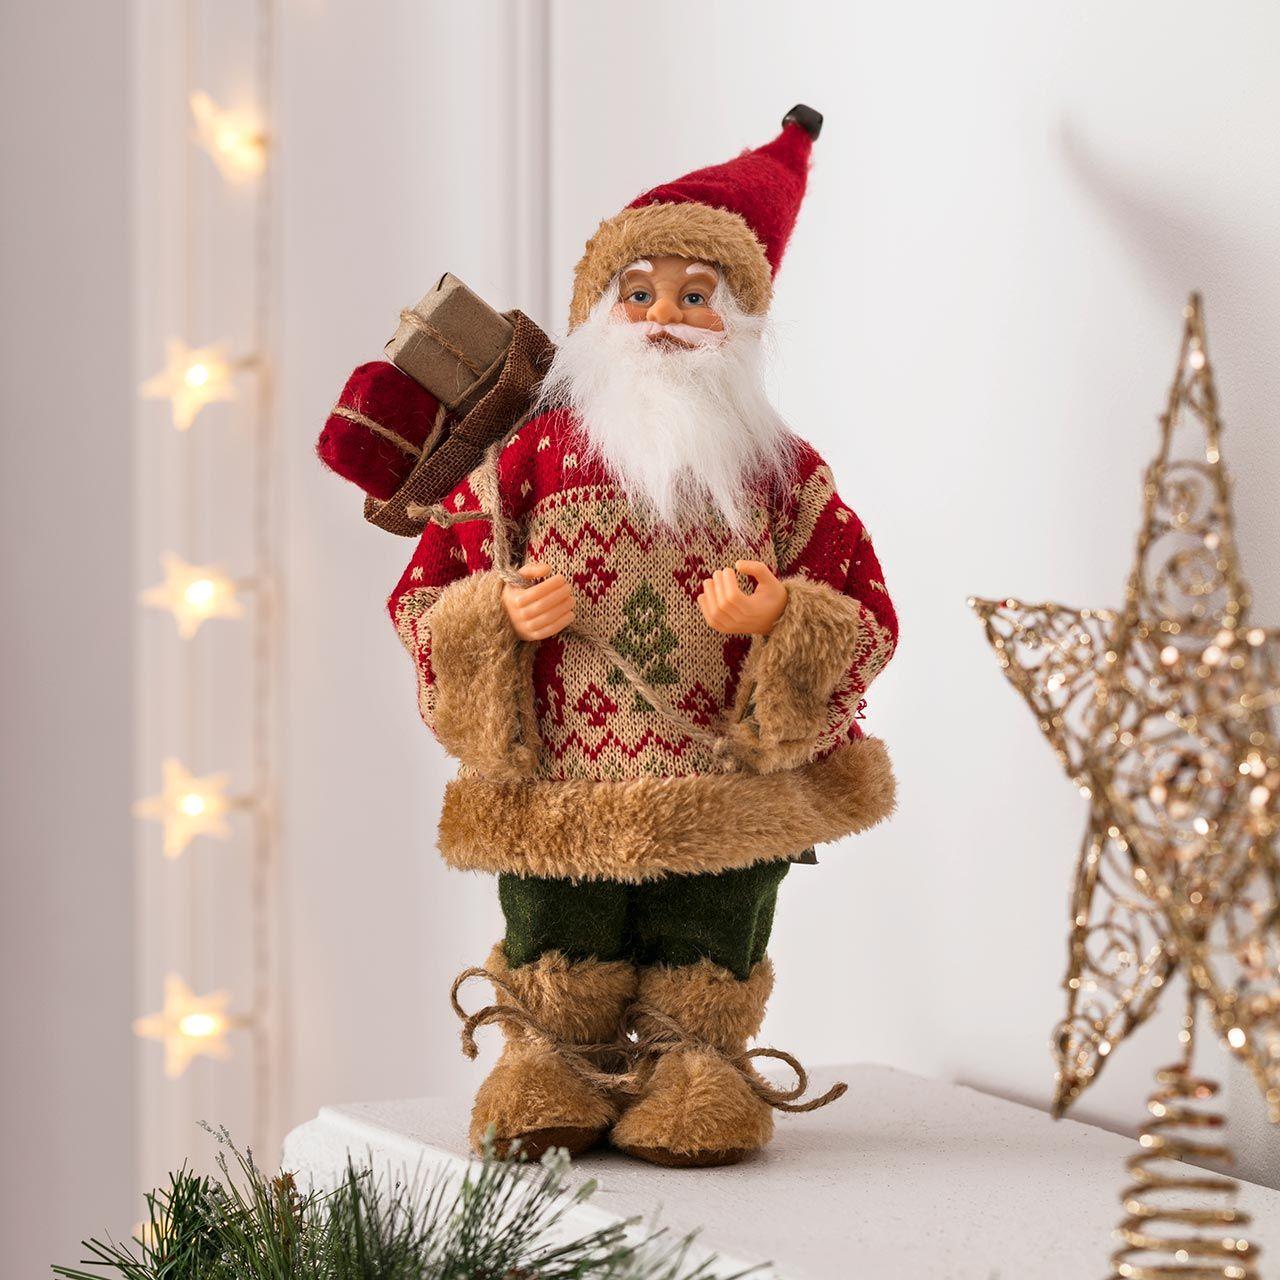 Decoración de Navidad tradicional de Leroy Merlin